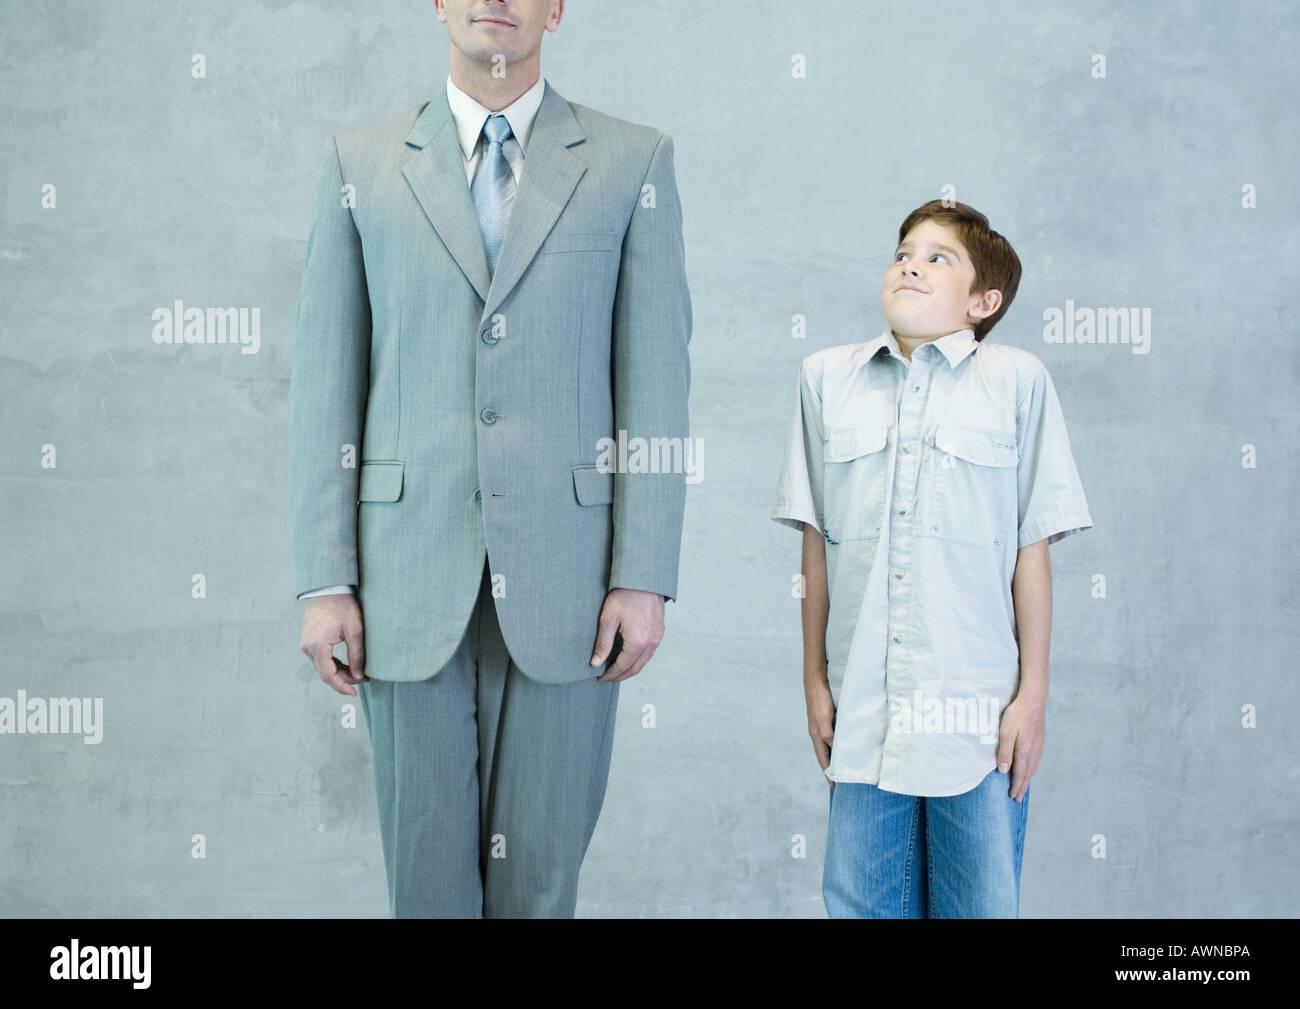 Boy imitating businessman - Stock Image